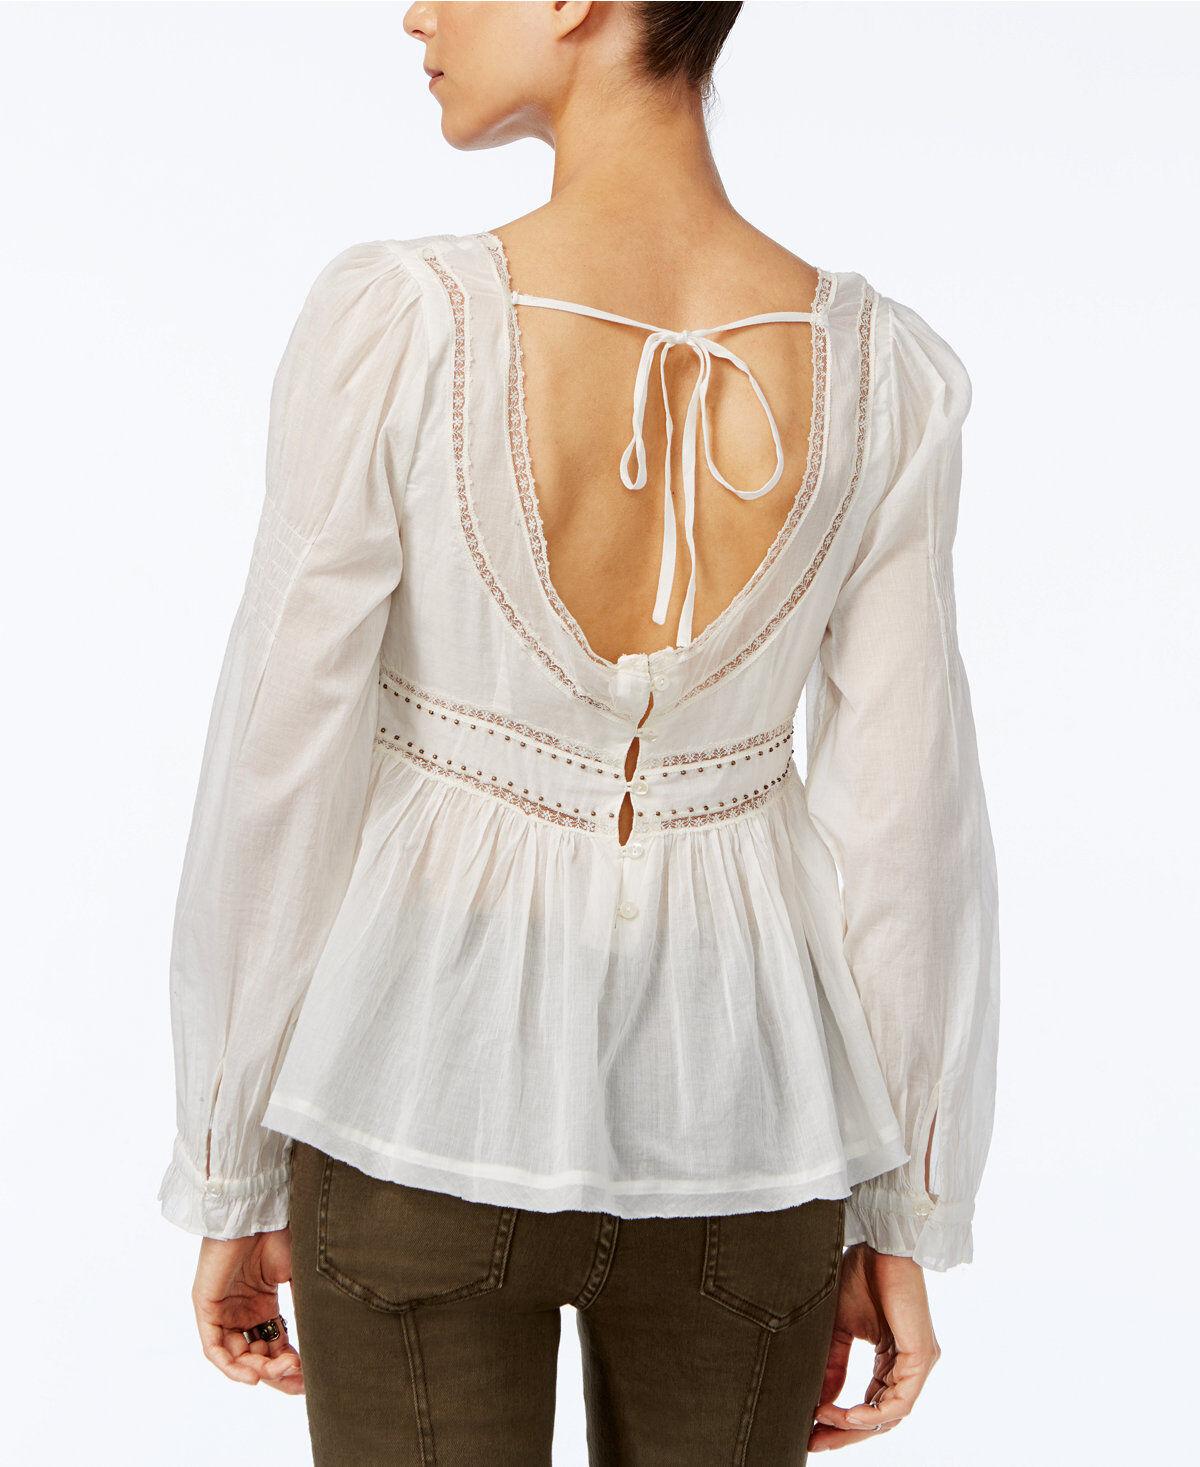 Free People para Mujer  Nuevo  108 blancoooooo Cuello Cuadrado adornado de encaje campesino Top XS  barato en alta calidad